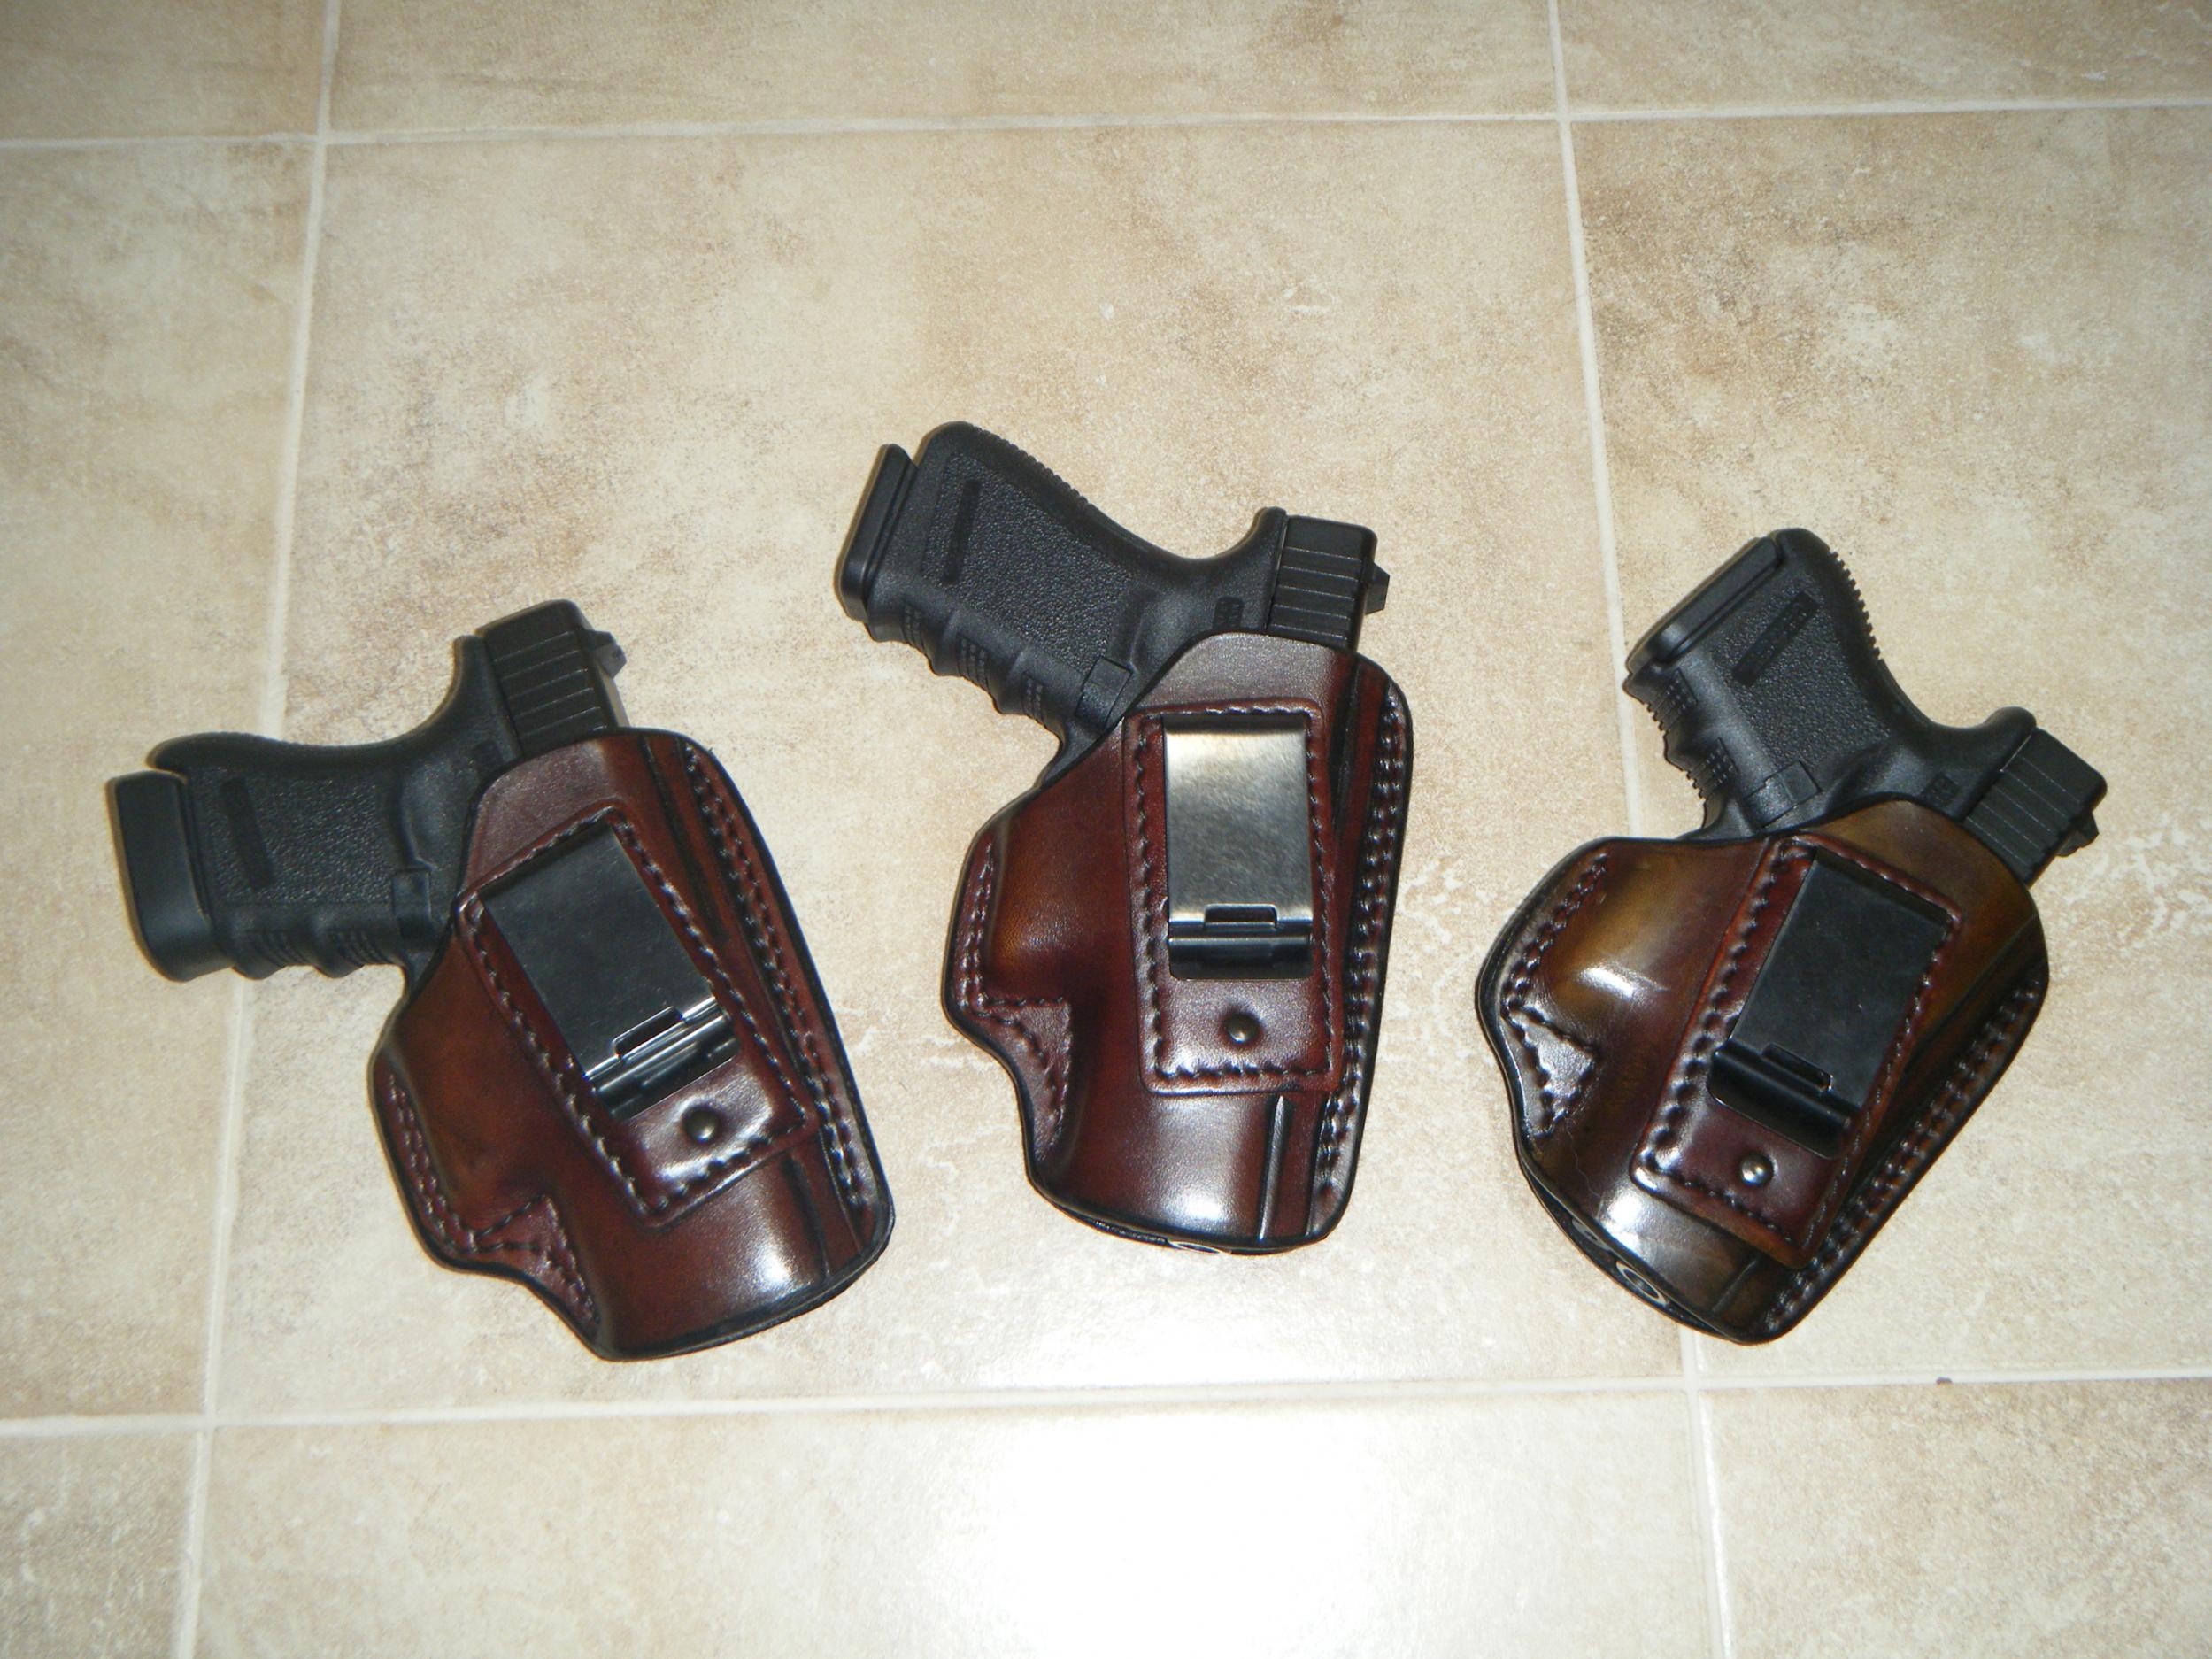 Iwb holster for a g-19-glock_fam.jpg